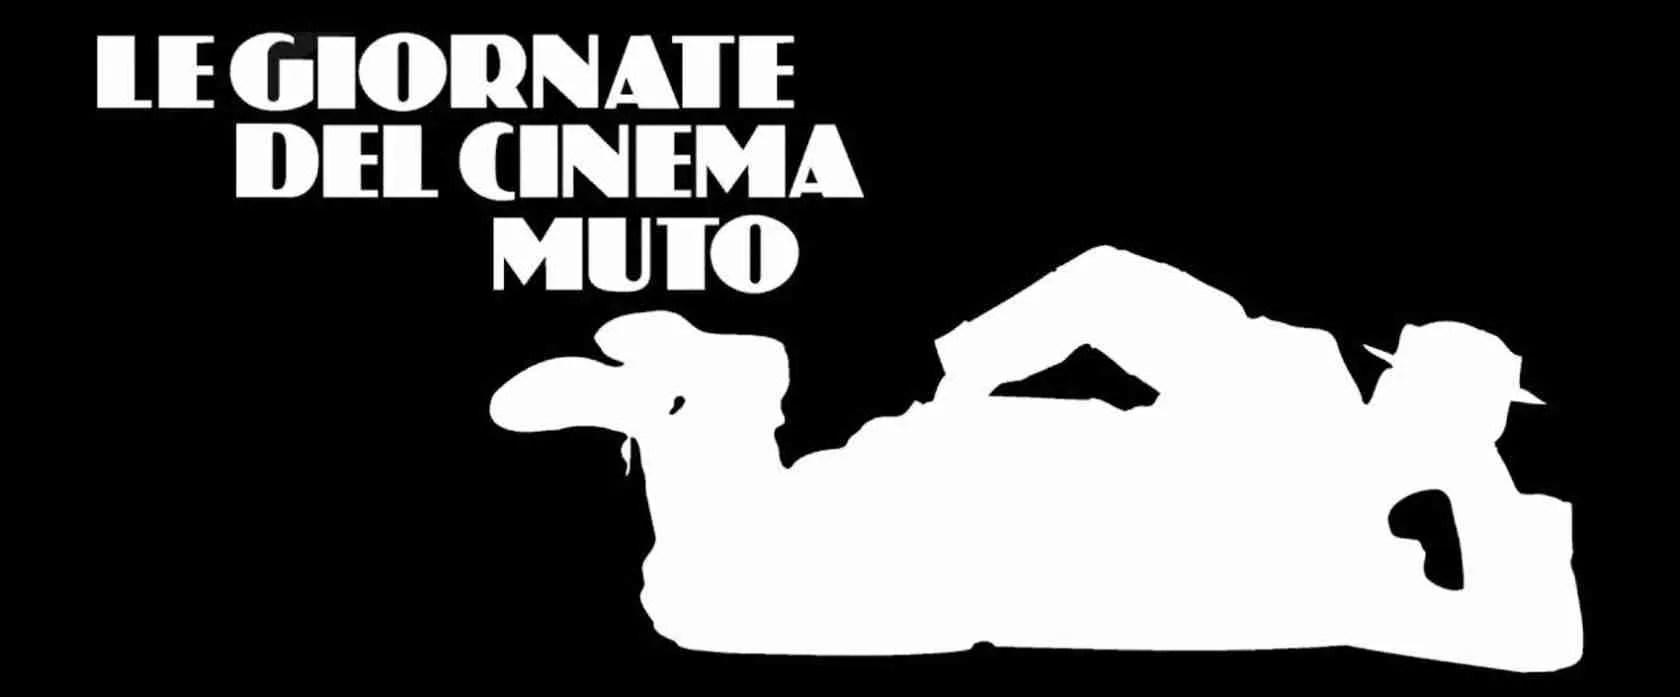 Le escort Pordenone amano Le giornate del cinema muto di Pordenone.